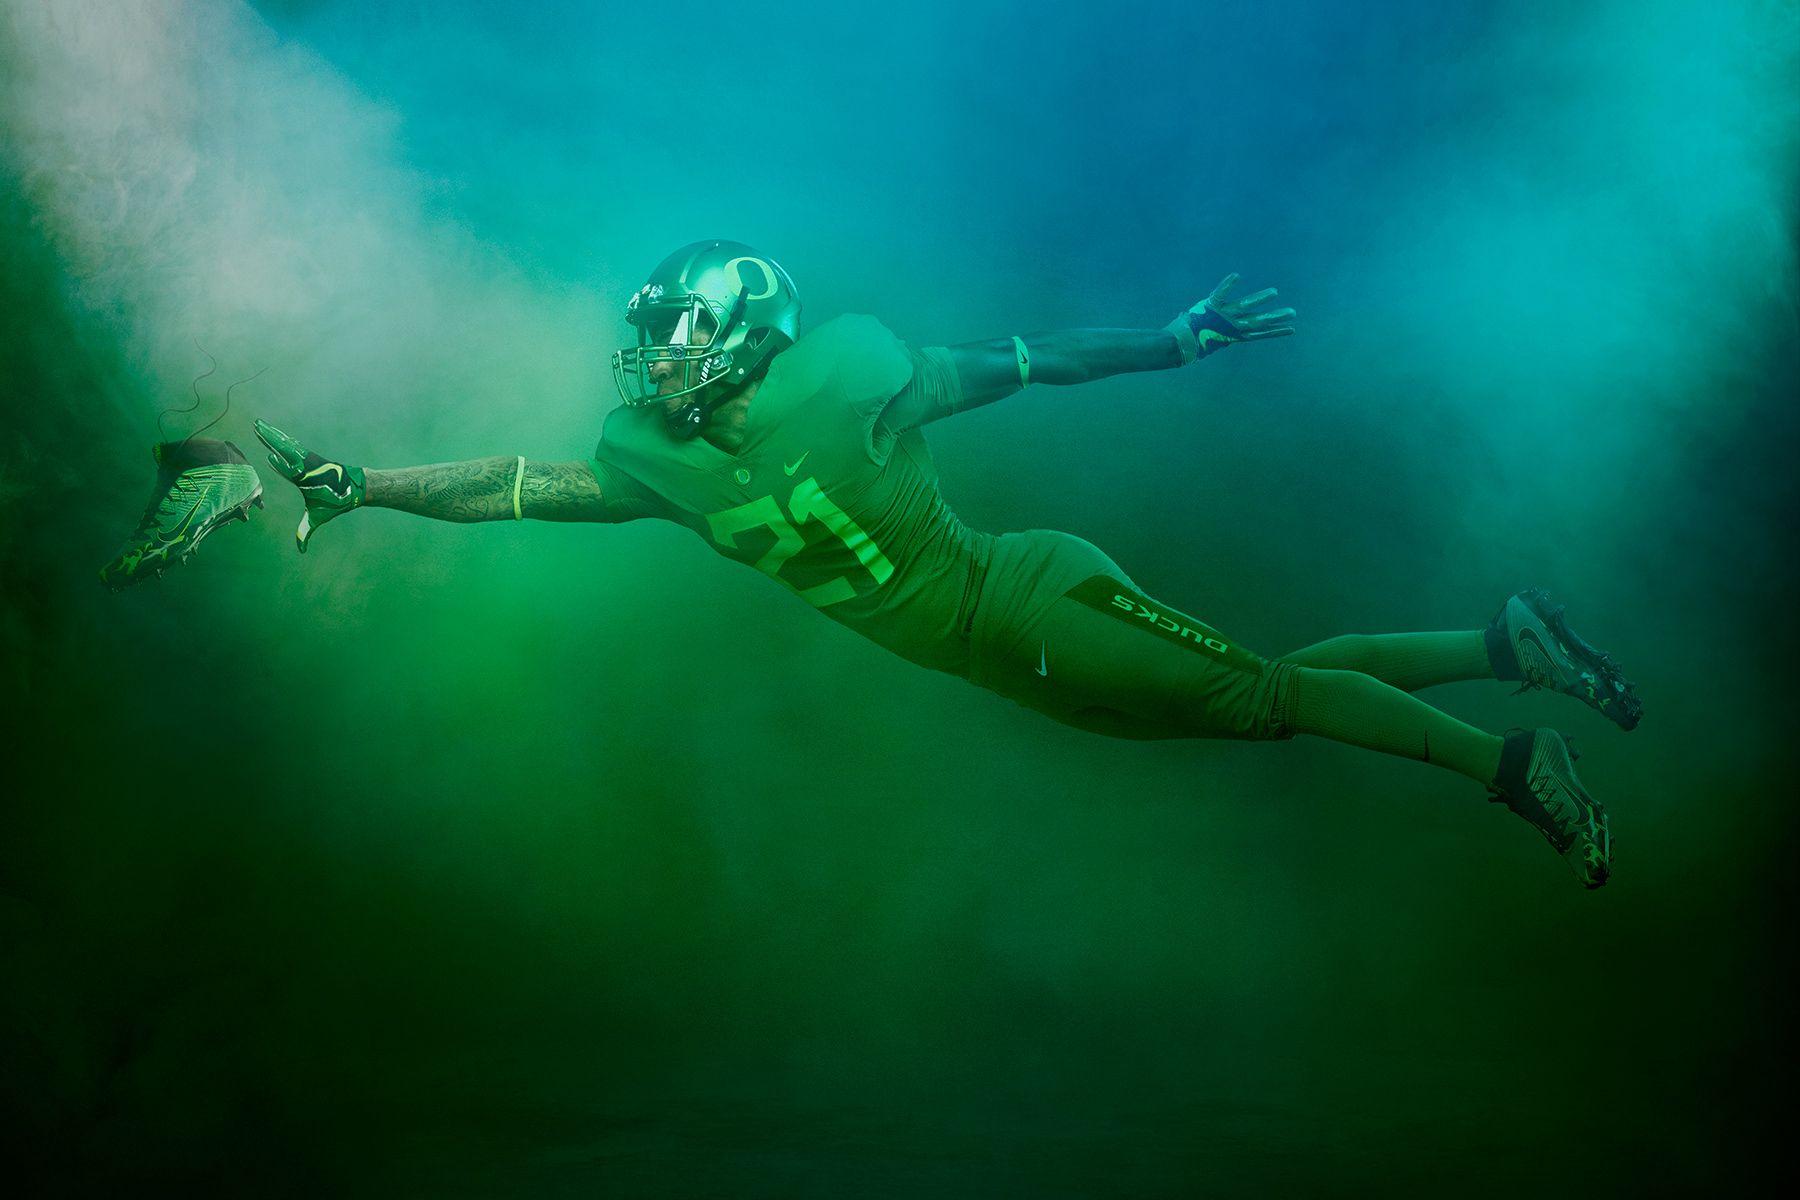 Rachel-Kissel-BAF-08-Dive.jpg